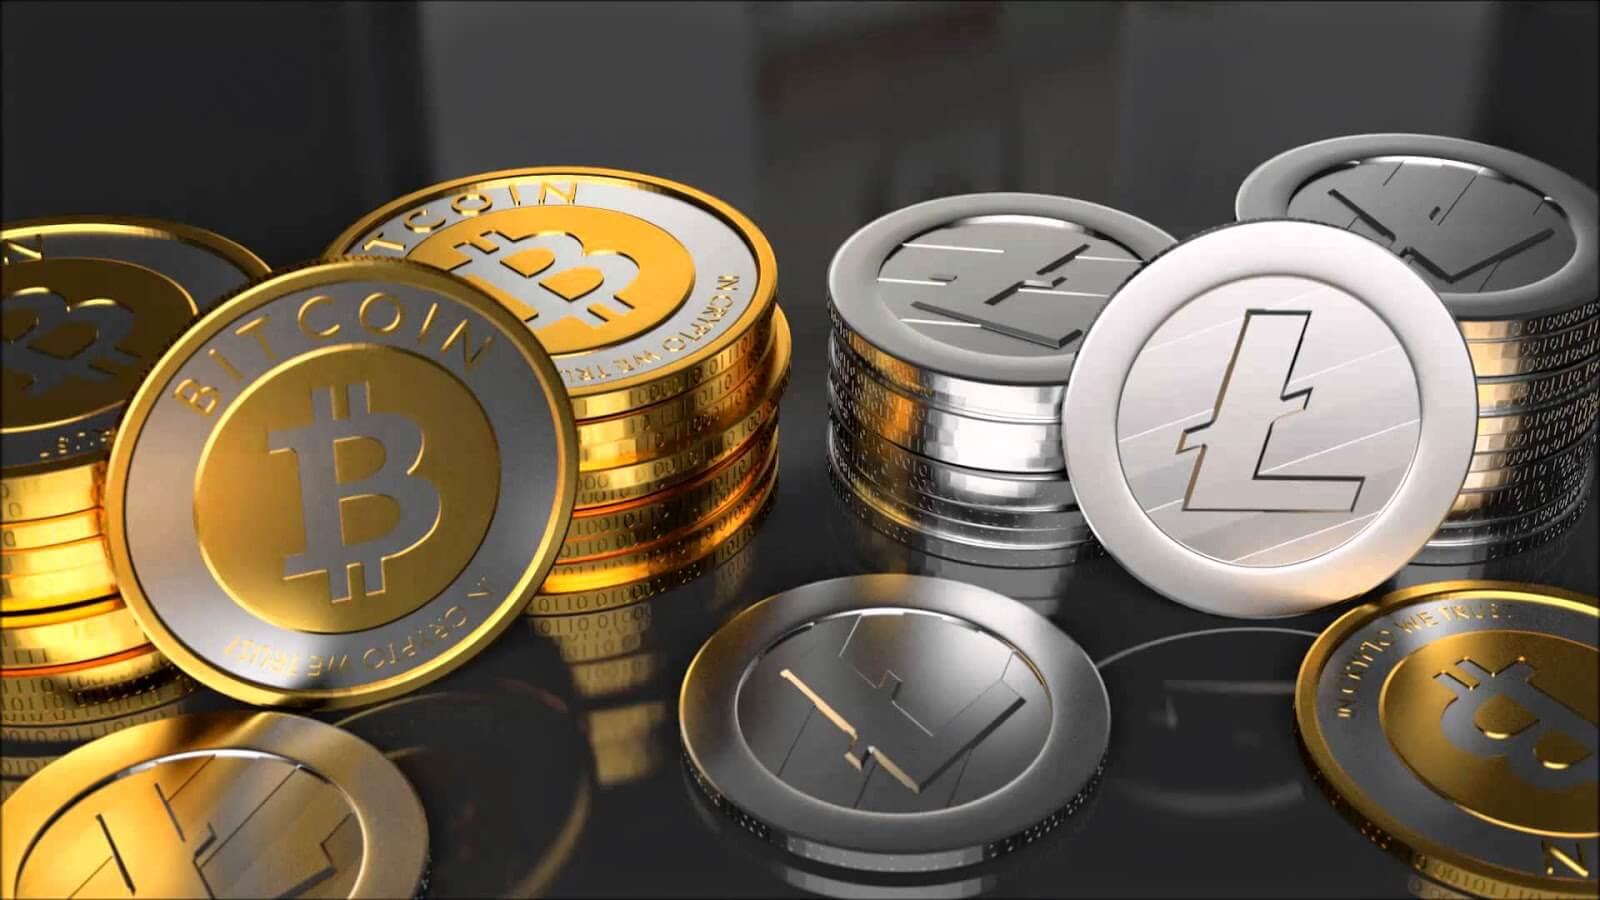 Kripto Para Nasıl Alınır Satılır